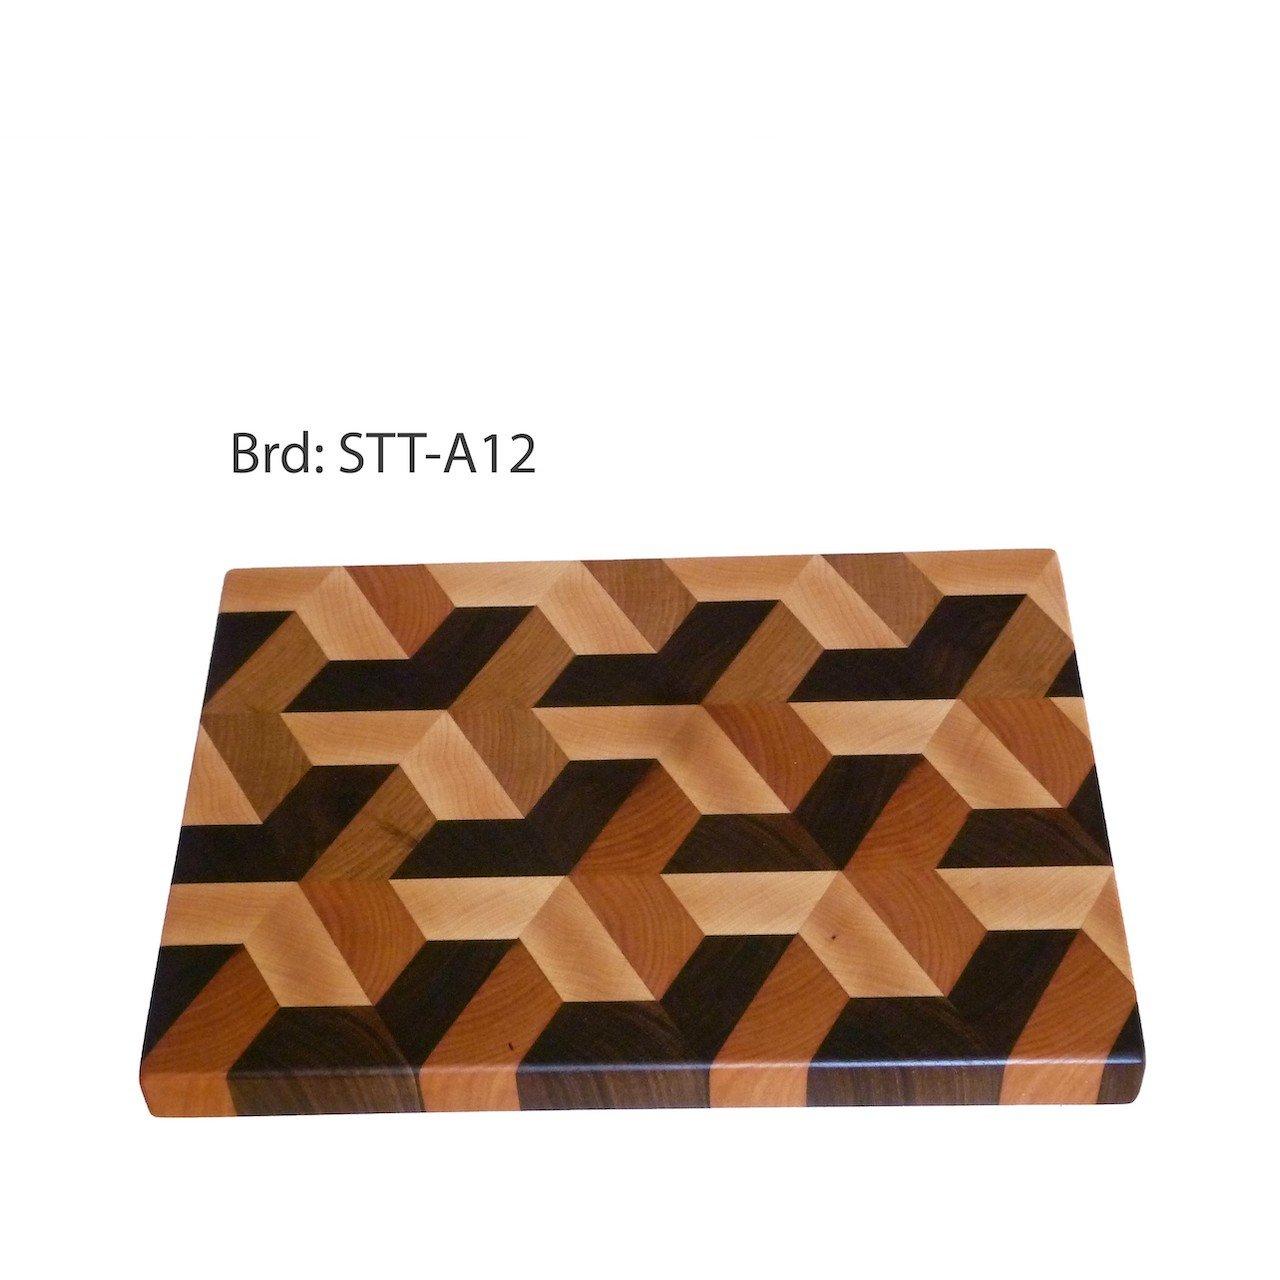 STTT-A12